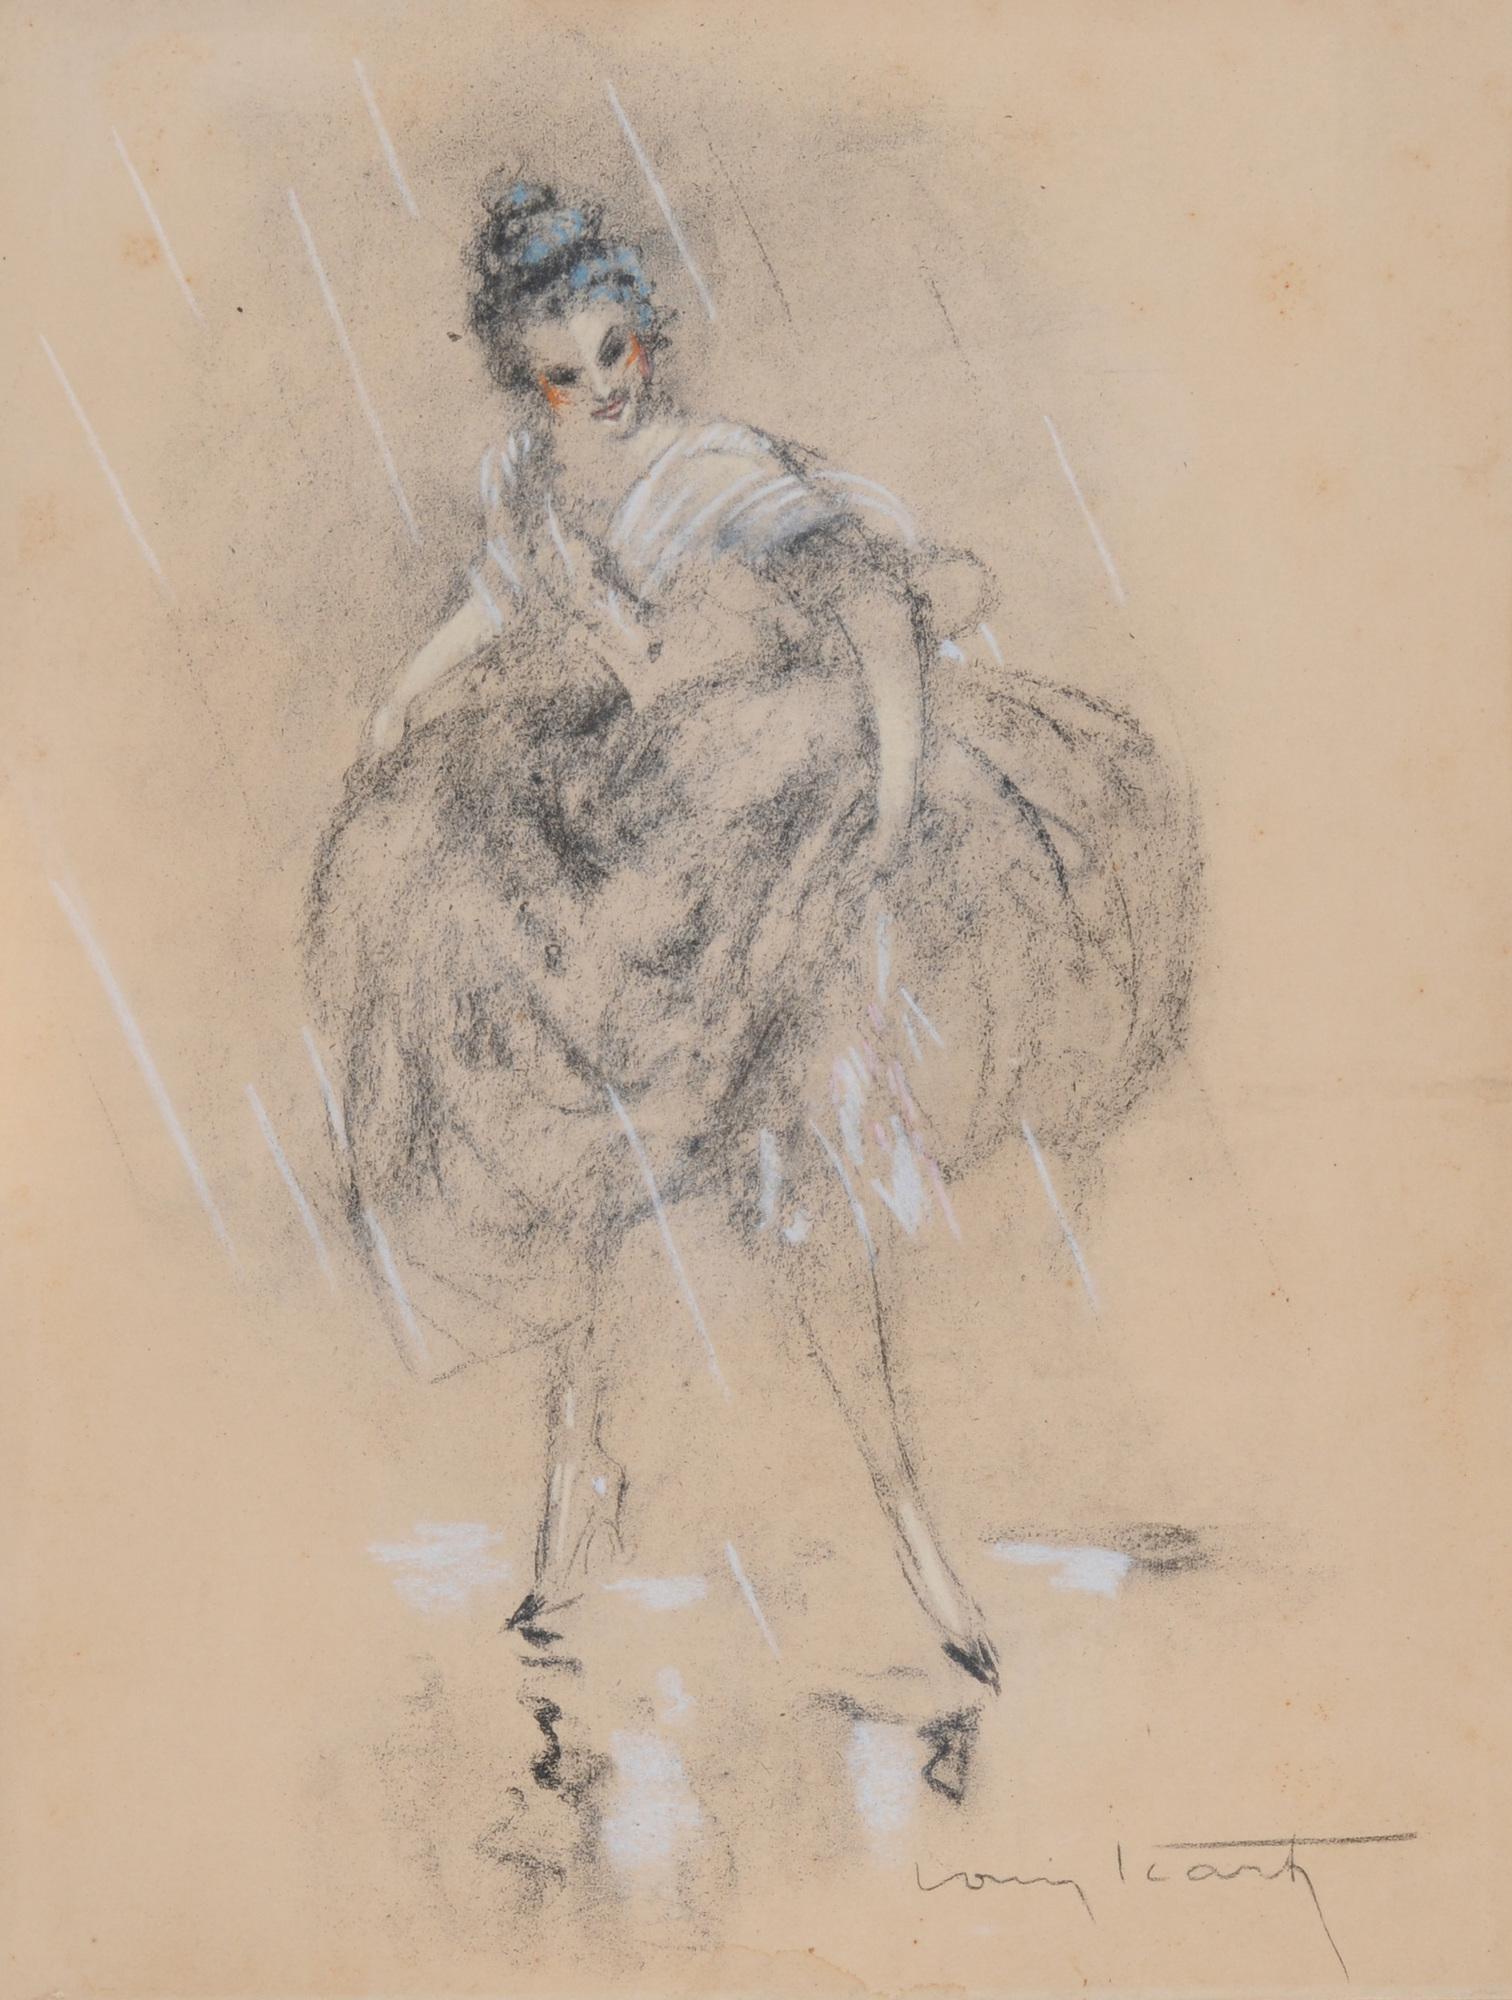 Icart Louis, 2 drawings: La patineuse; Jeune femme sous la pluie